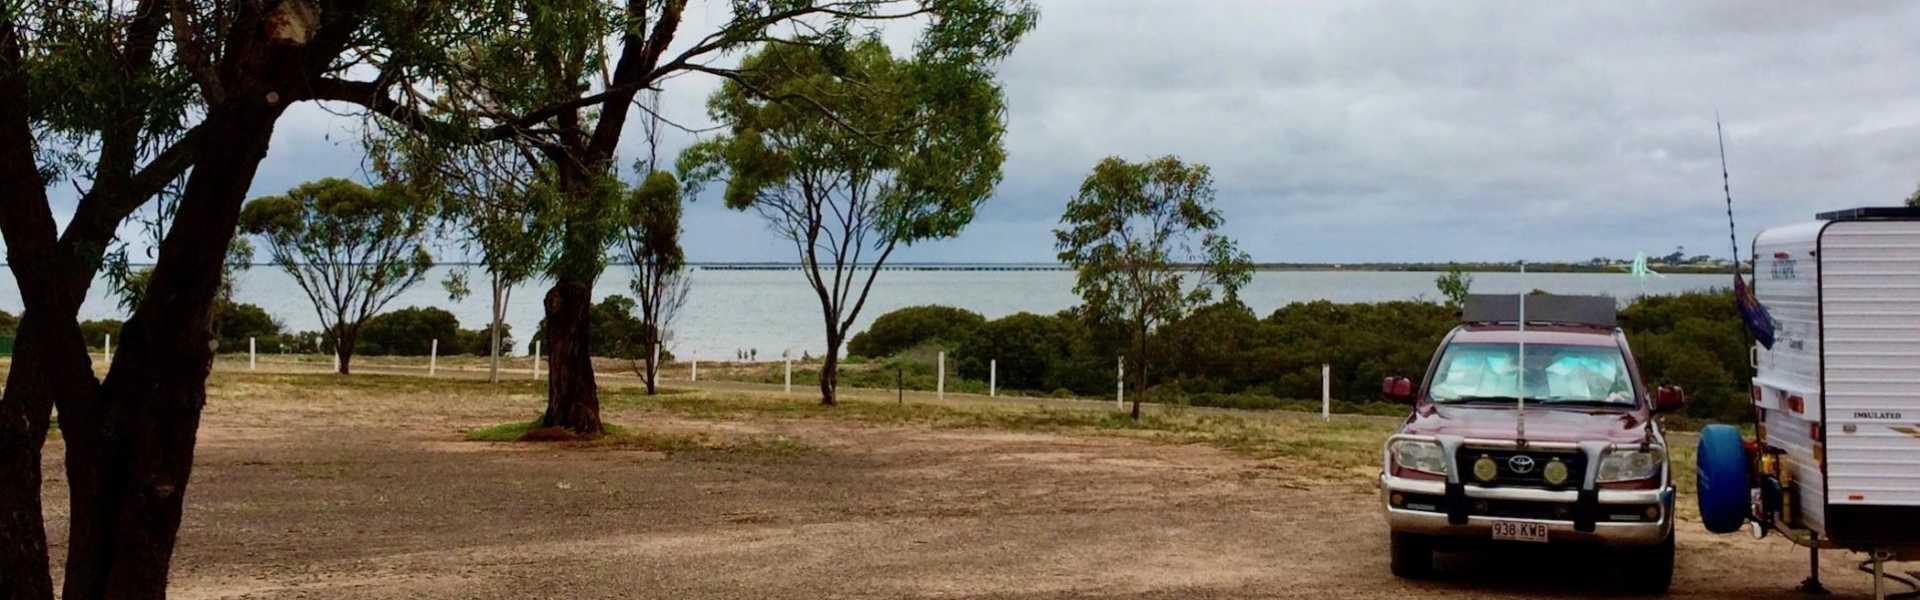 Kui Parks, Harbour View Caravan Park, Harbour View